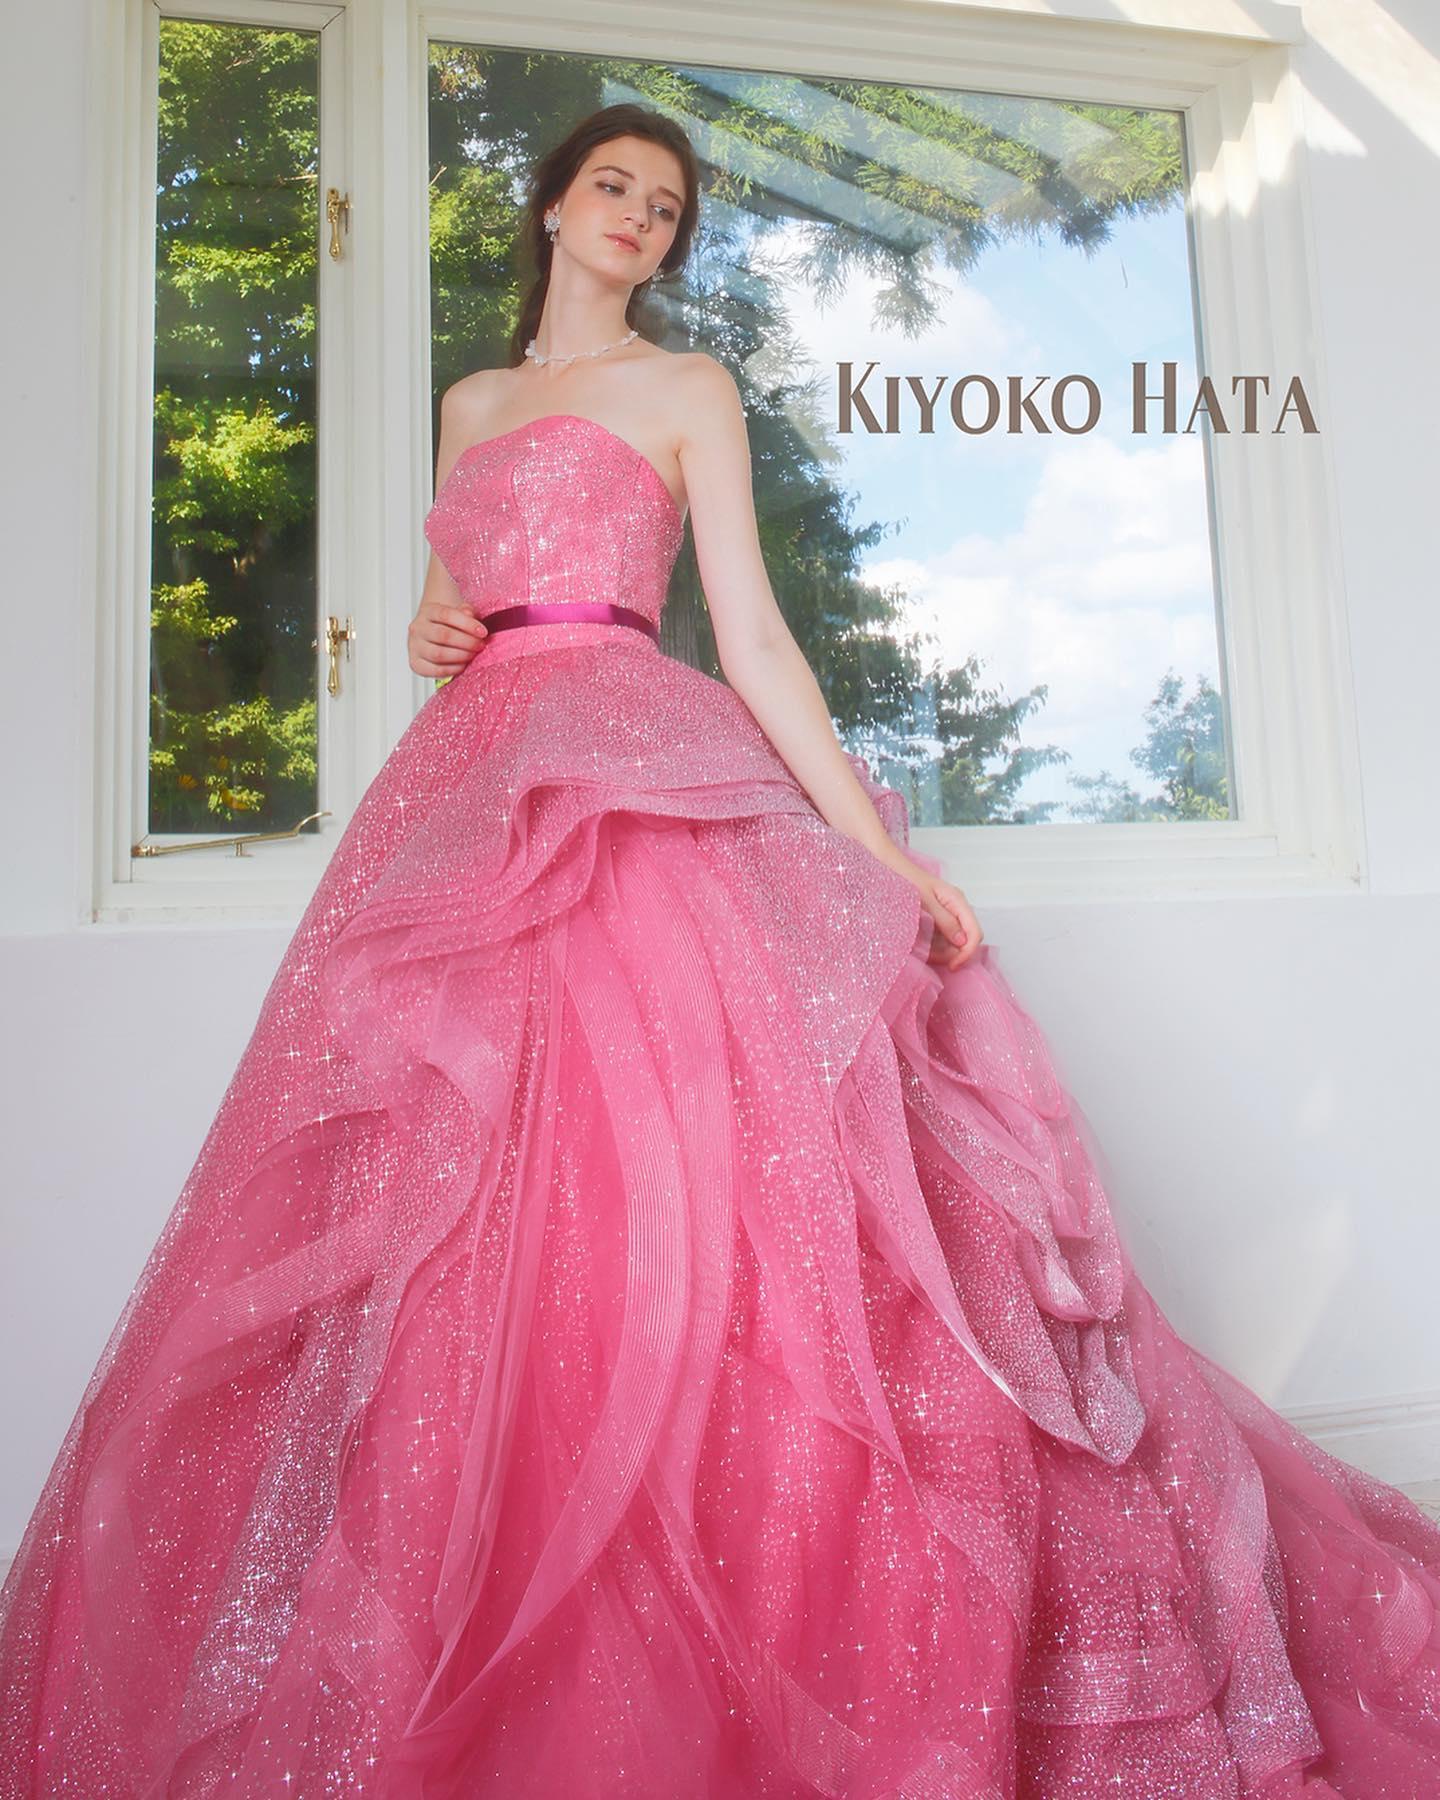 ・今日は大人気のKIYOKO HATA のカラードレスをご紹介・可愛らしいコーラルピンクのドレス見る人を魅了する幸せ感あふれる花嫁様に・美しく輝く細かいグリッターのグラデーションと、動くたびにランダムに揺れるフリルが魅力的な一着です🥰・ぜひご試着下さい🕊・ 【KIYOKO HATA】CD0354KH-0449レンタル料金・#wedding #weddingdress #bridalhiro #kiyokohata #ウェディングドレス #プレ花嫁 #ドレス試着 #2021冬婚 #ヘアメイク #結婚式  #ドレス選び #前撮り #後撮り #フォトウェディング #ウェディングヘア  #フォト婚 #前撮り写真 #ブライダルフォト #カップルフォト #ウェディングドレス探し #ウェディングドレス試着 #レンタルドレス #ドレスショップ #家族婚 #ブライダルヒロ #ゼクシィ #プリンセスライン #ドレス迷子 #キヨコハタ #キヨコハタドレス